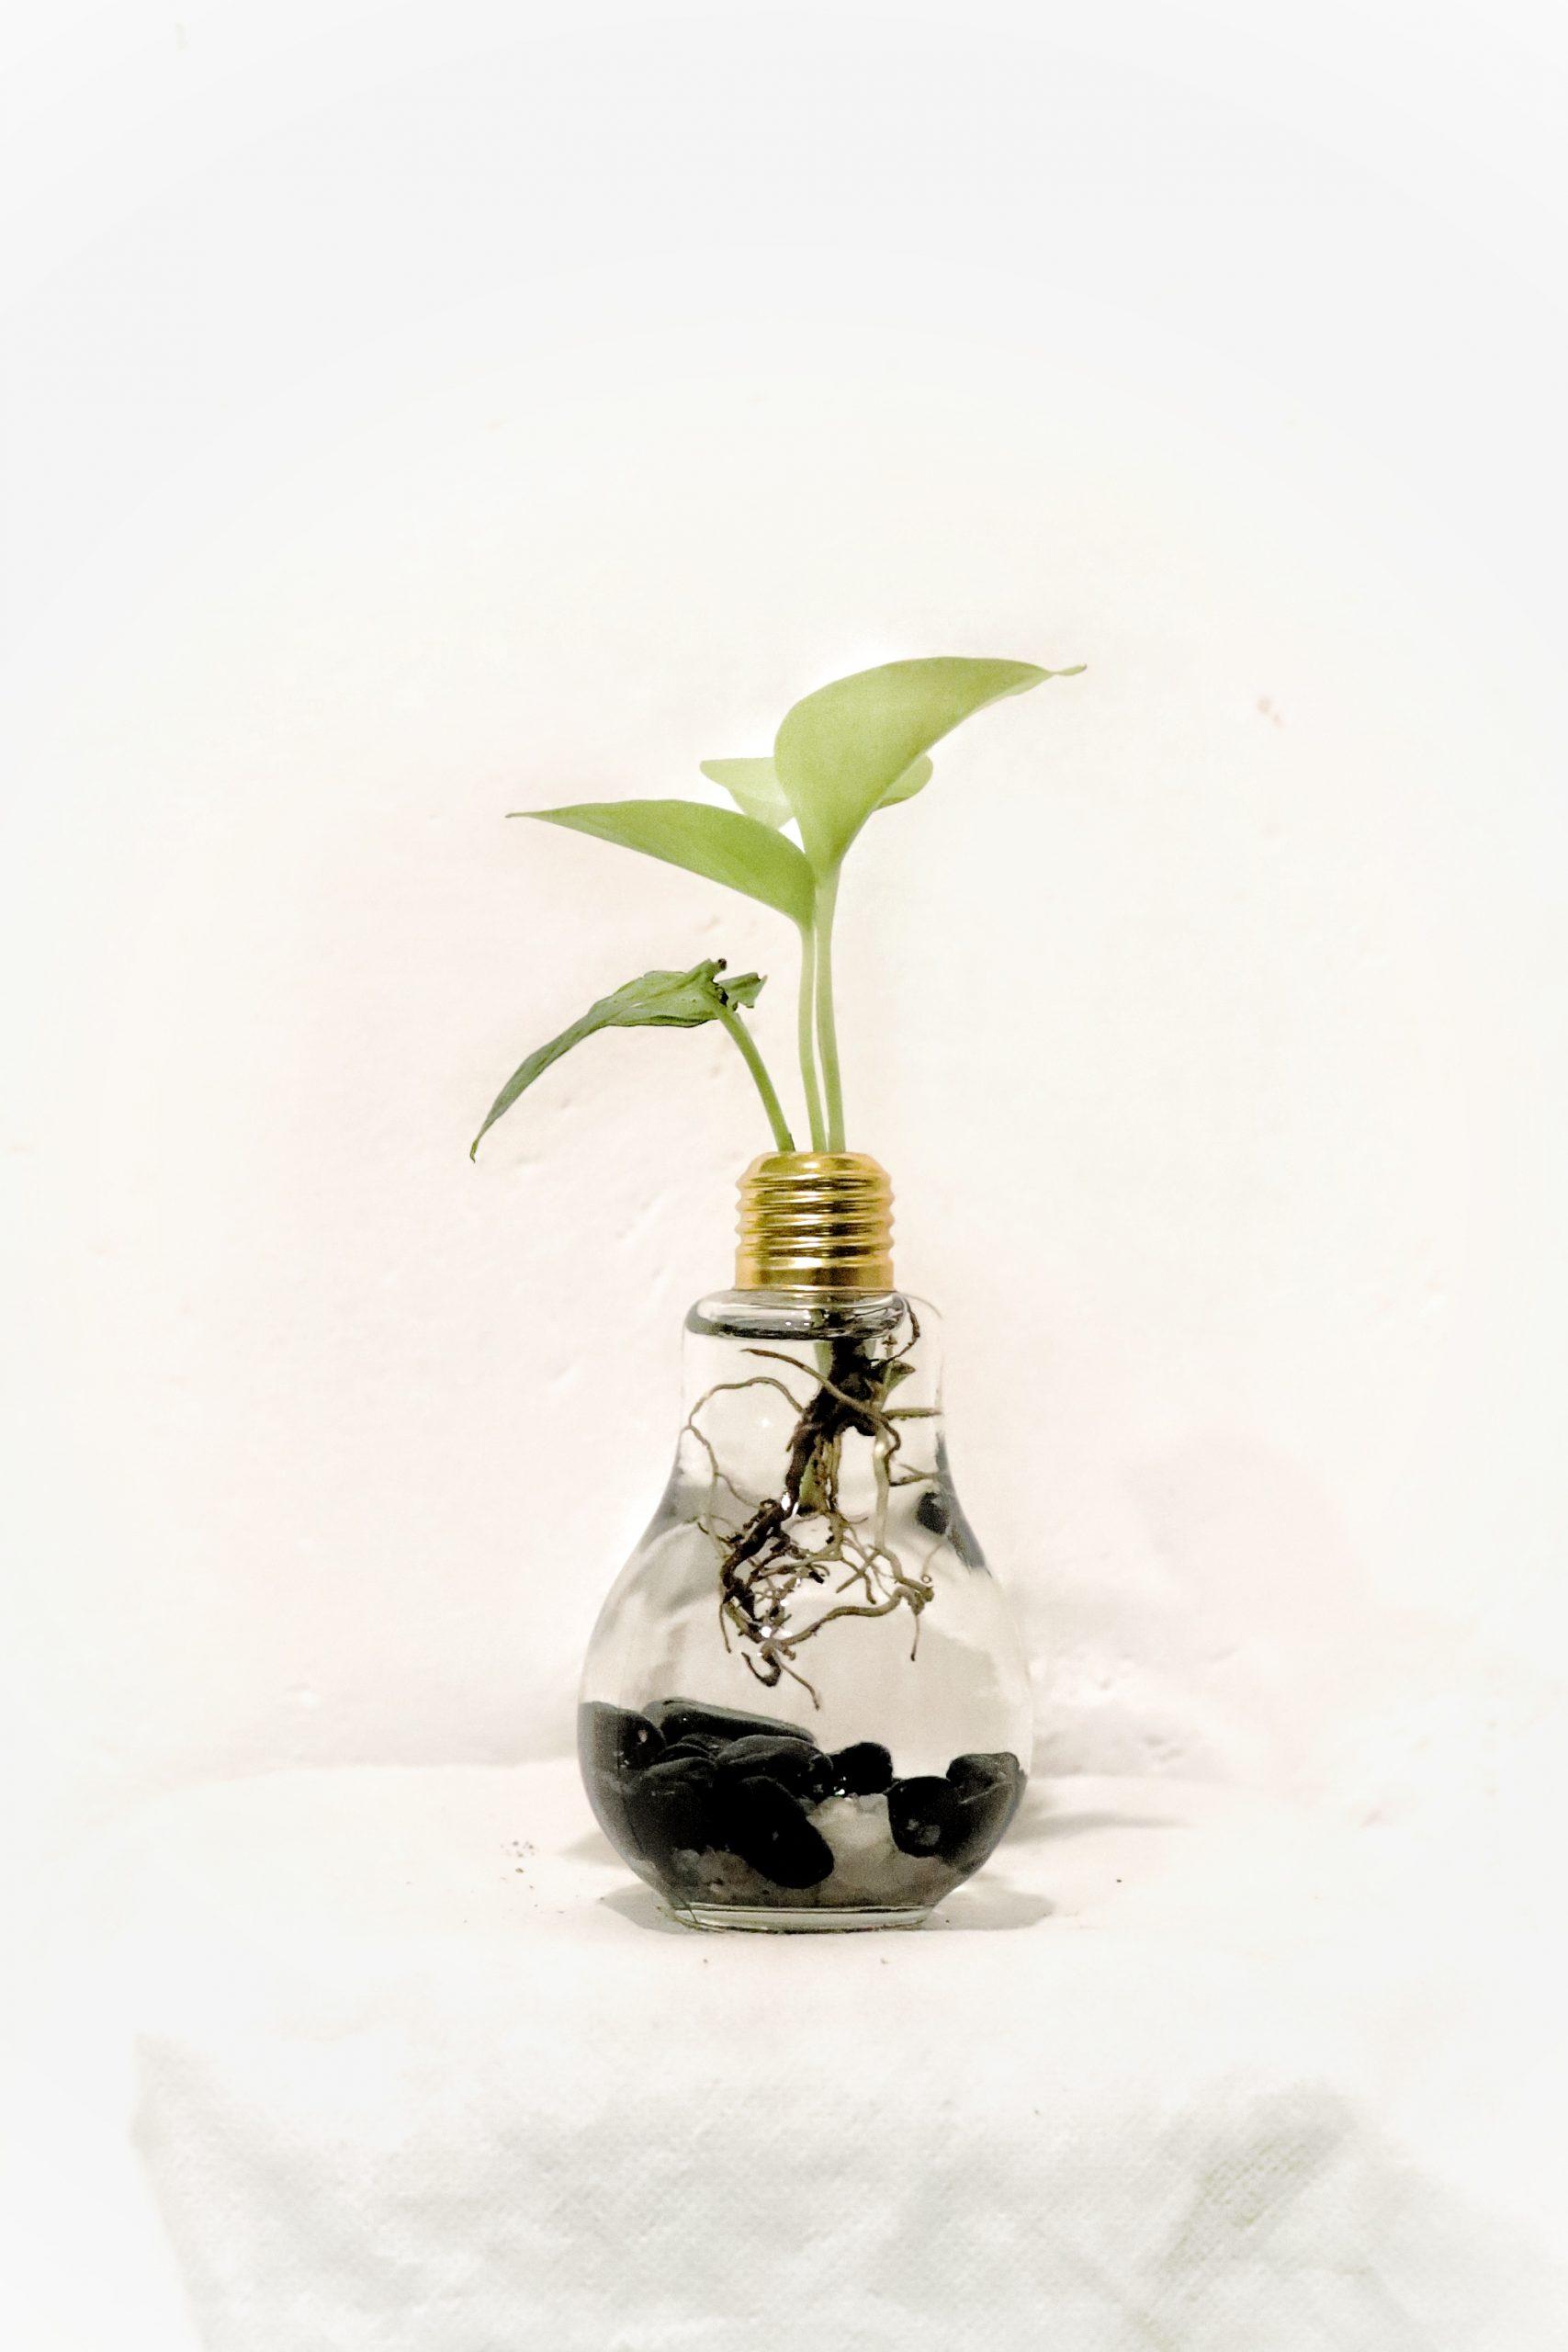 A money plant